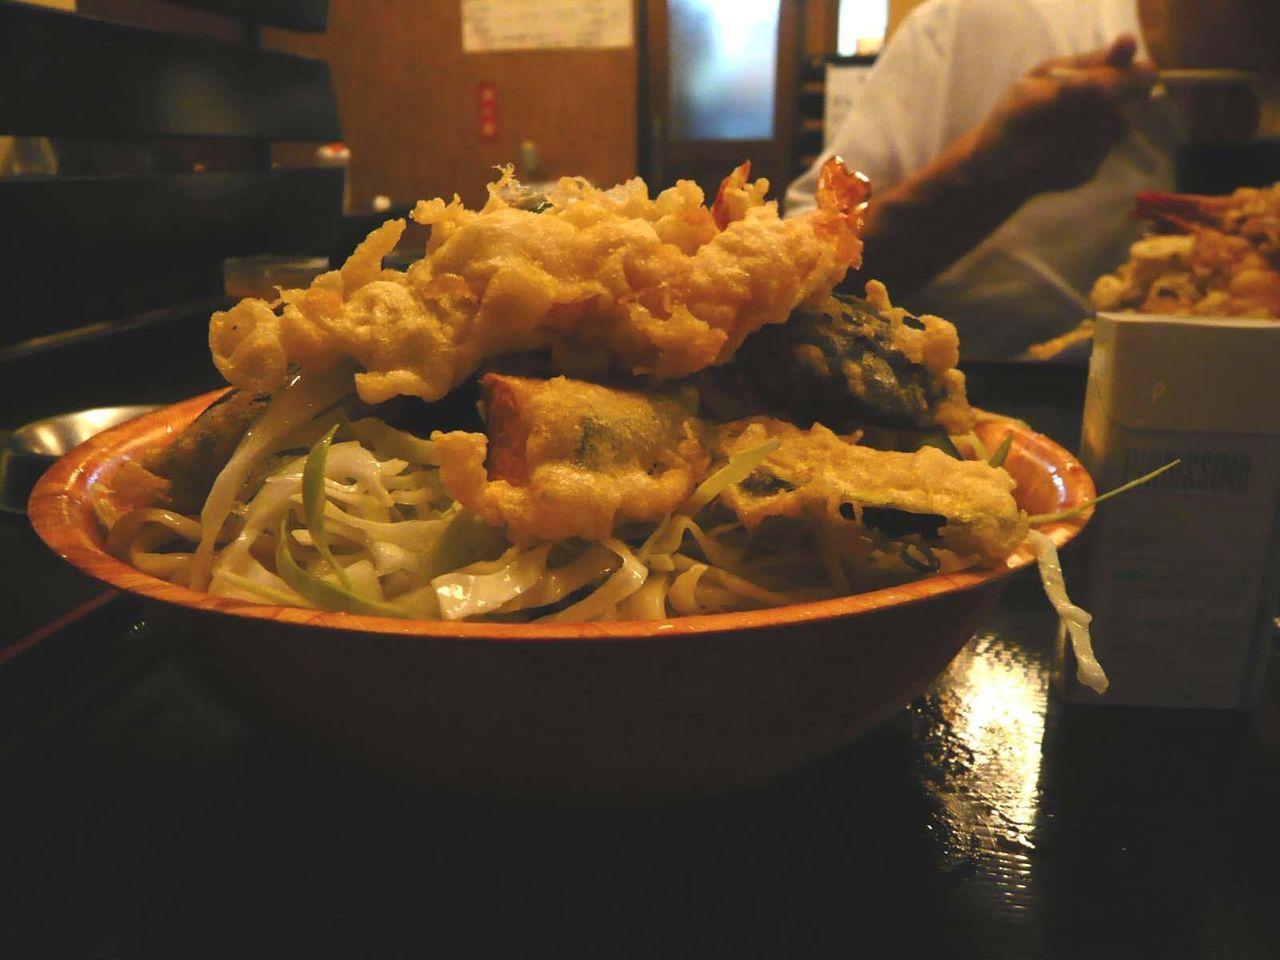 大量のうどんと天ぷらがテンコ盛りで、凄まじいボリューム!